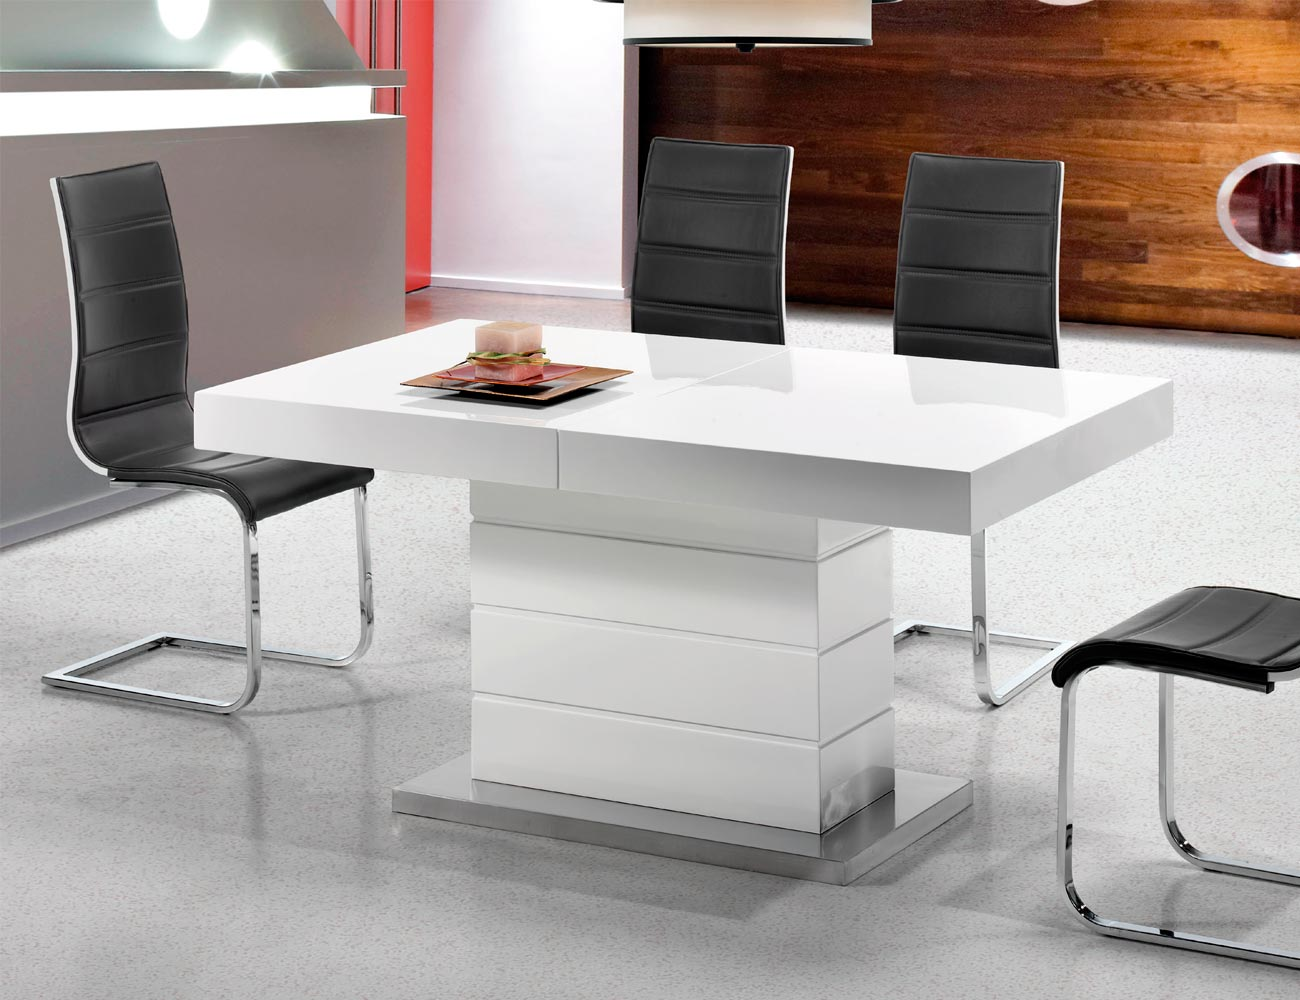 Mesa de comedor en blanco alto brillo extensible de 150 a for Mesa blanca extensible